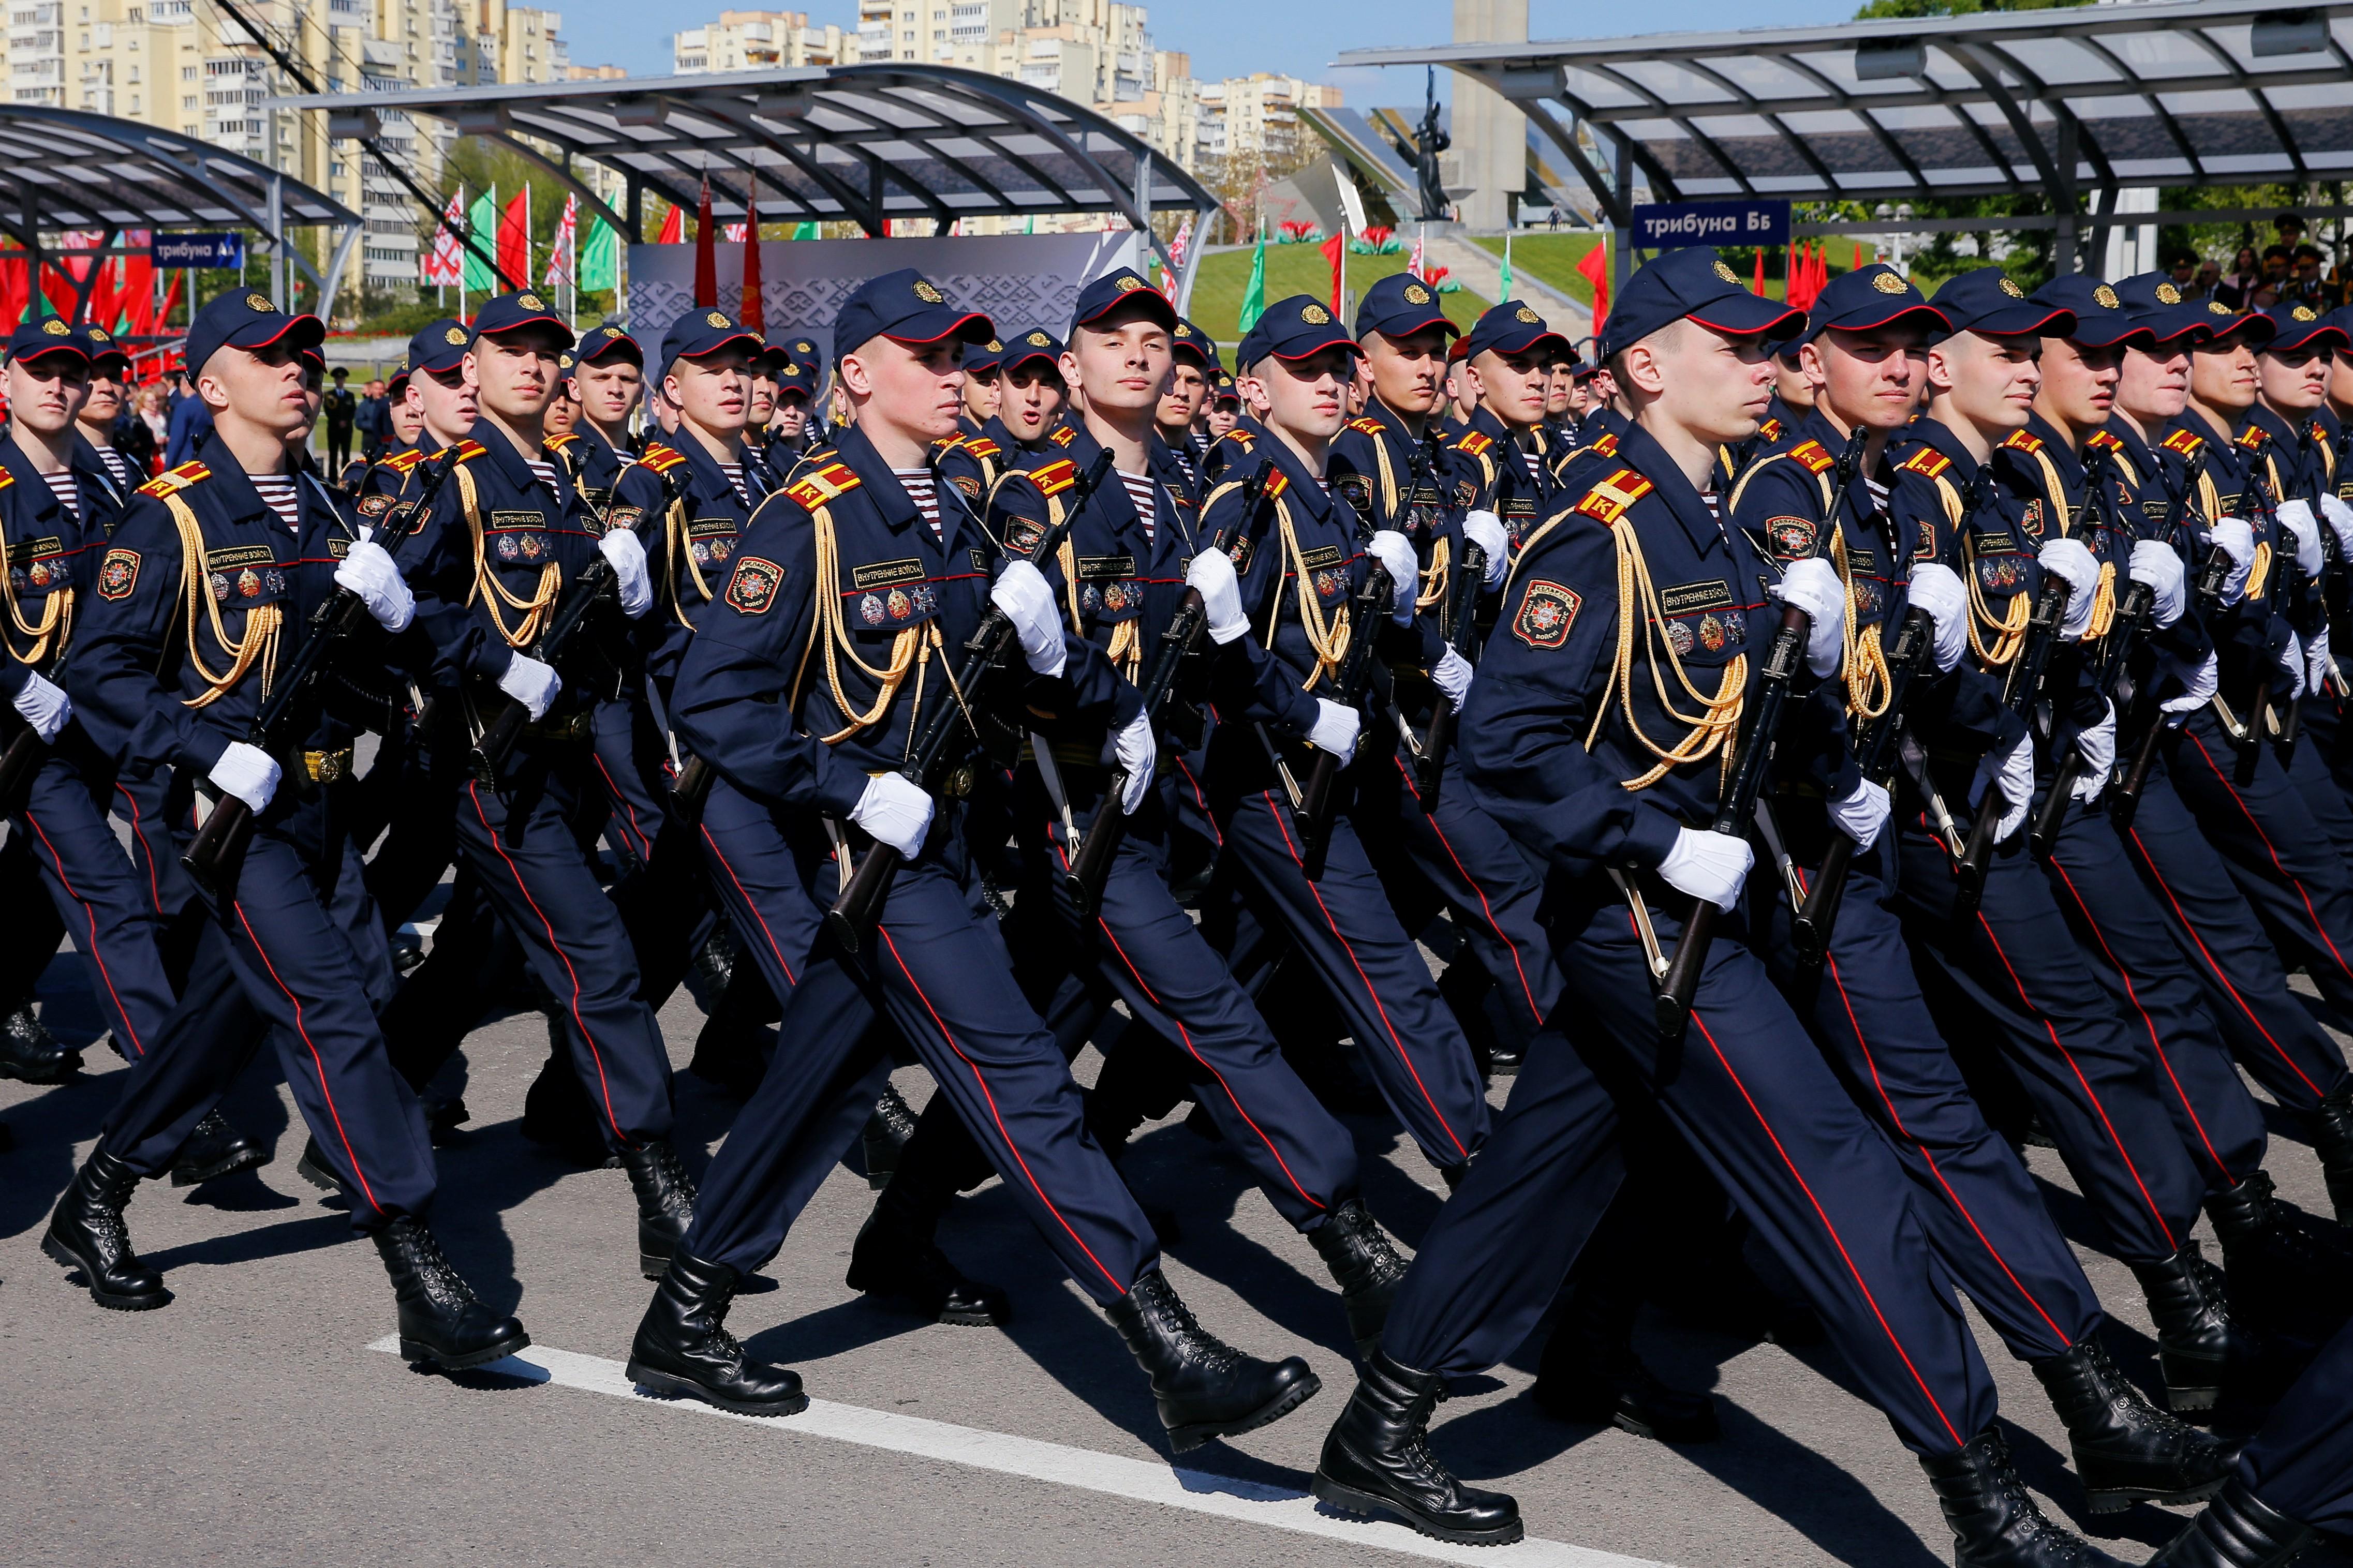 Belarus celebra 75 anos de vitória na guerra com mega parada militar; brasileiro tenta sair do país que nega a gravidade da pandemia